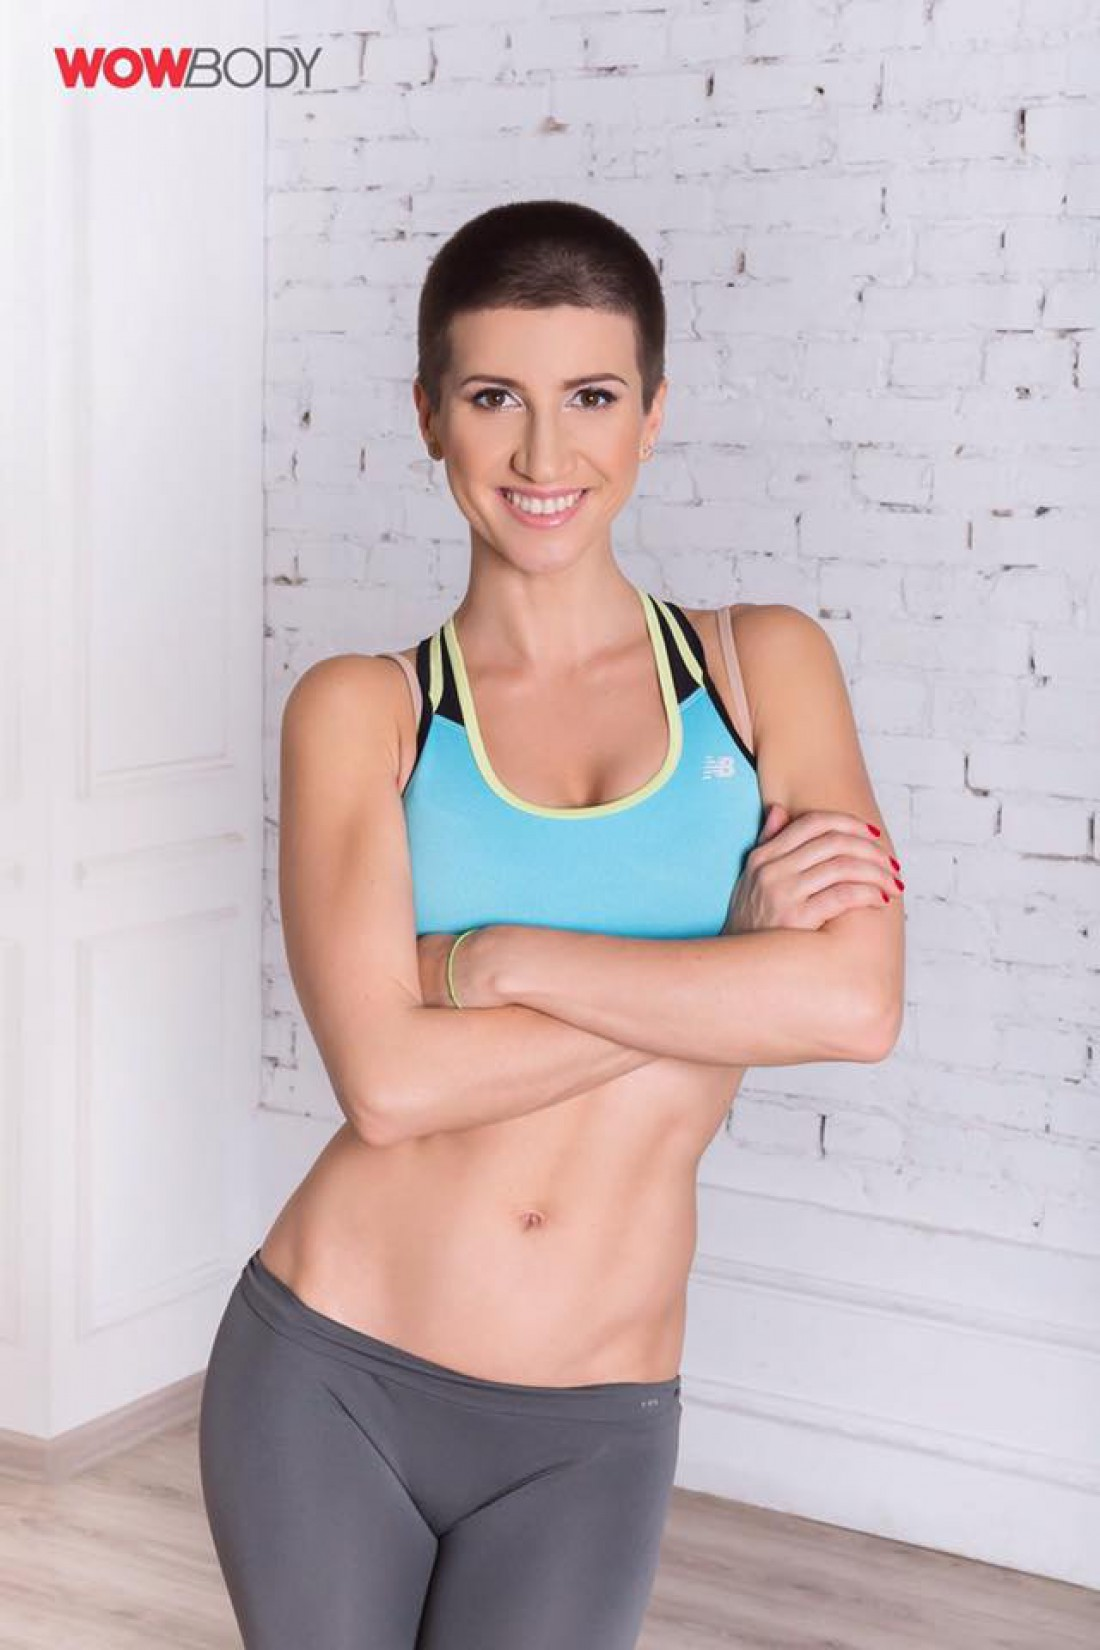 Анита Луценко показала упражнения для получения удовольствия в сексе